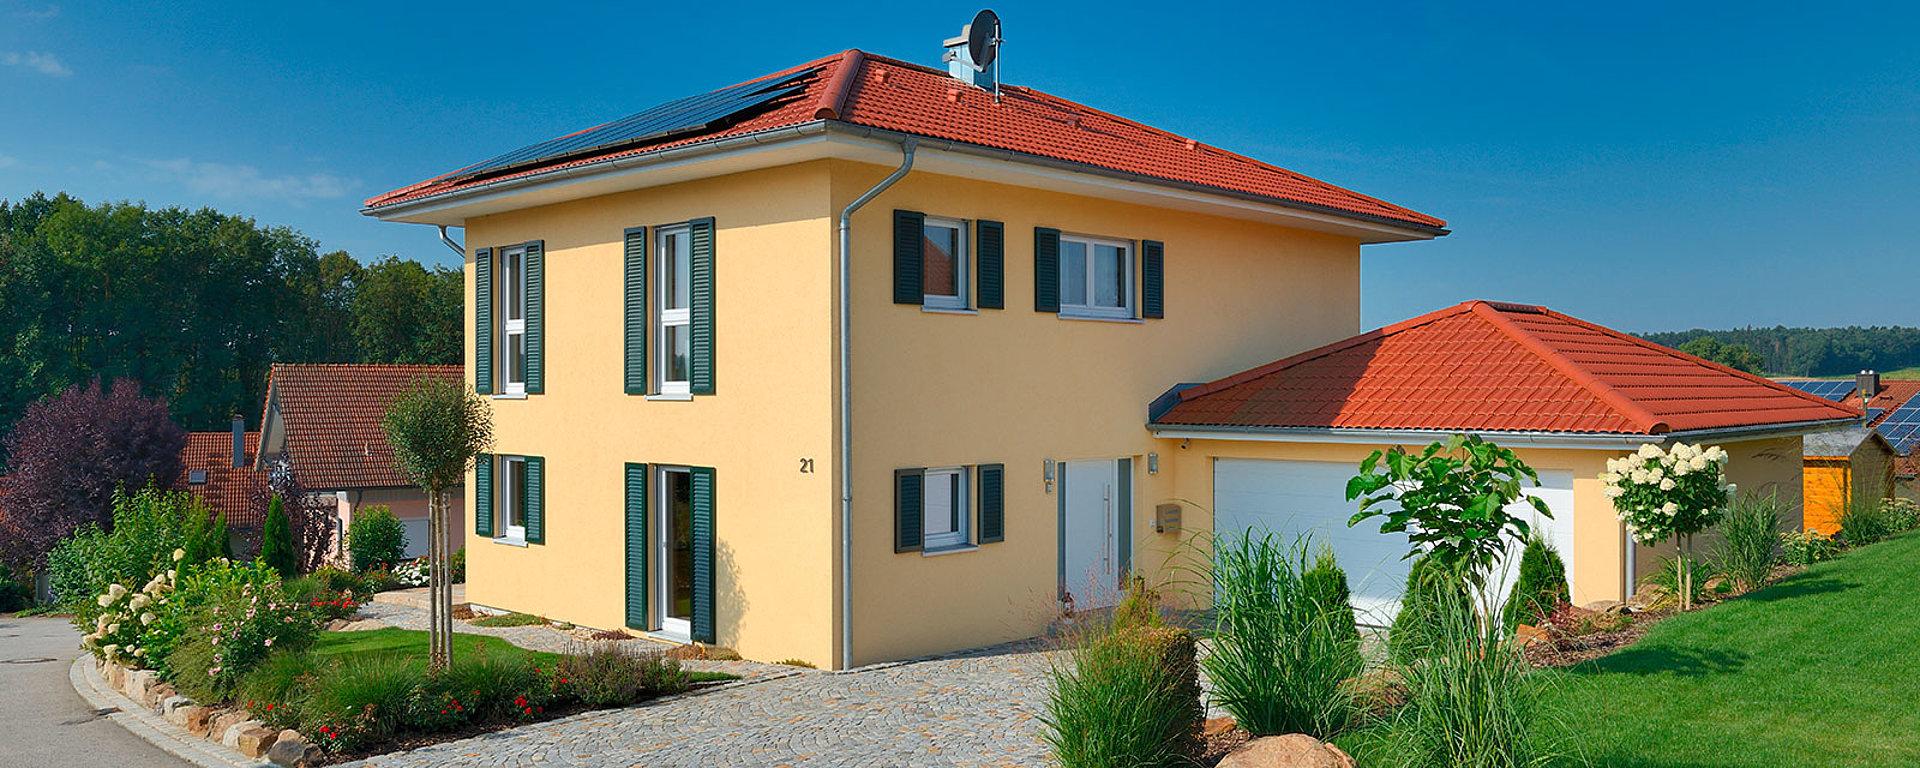 SETROS 3.1531 auf 07407 Rudolstadt